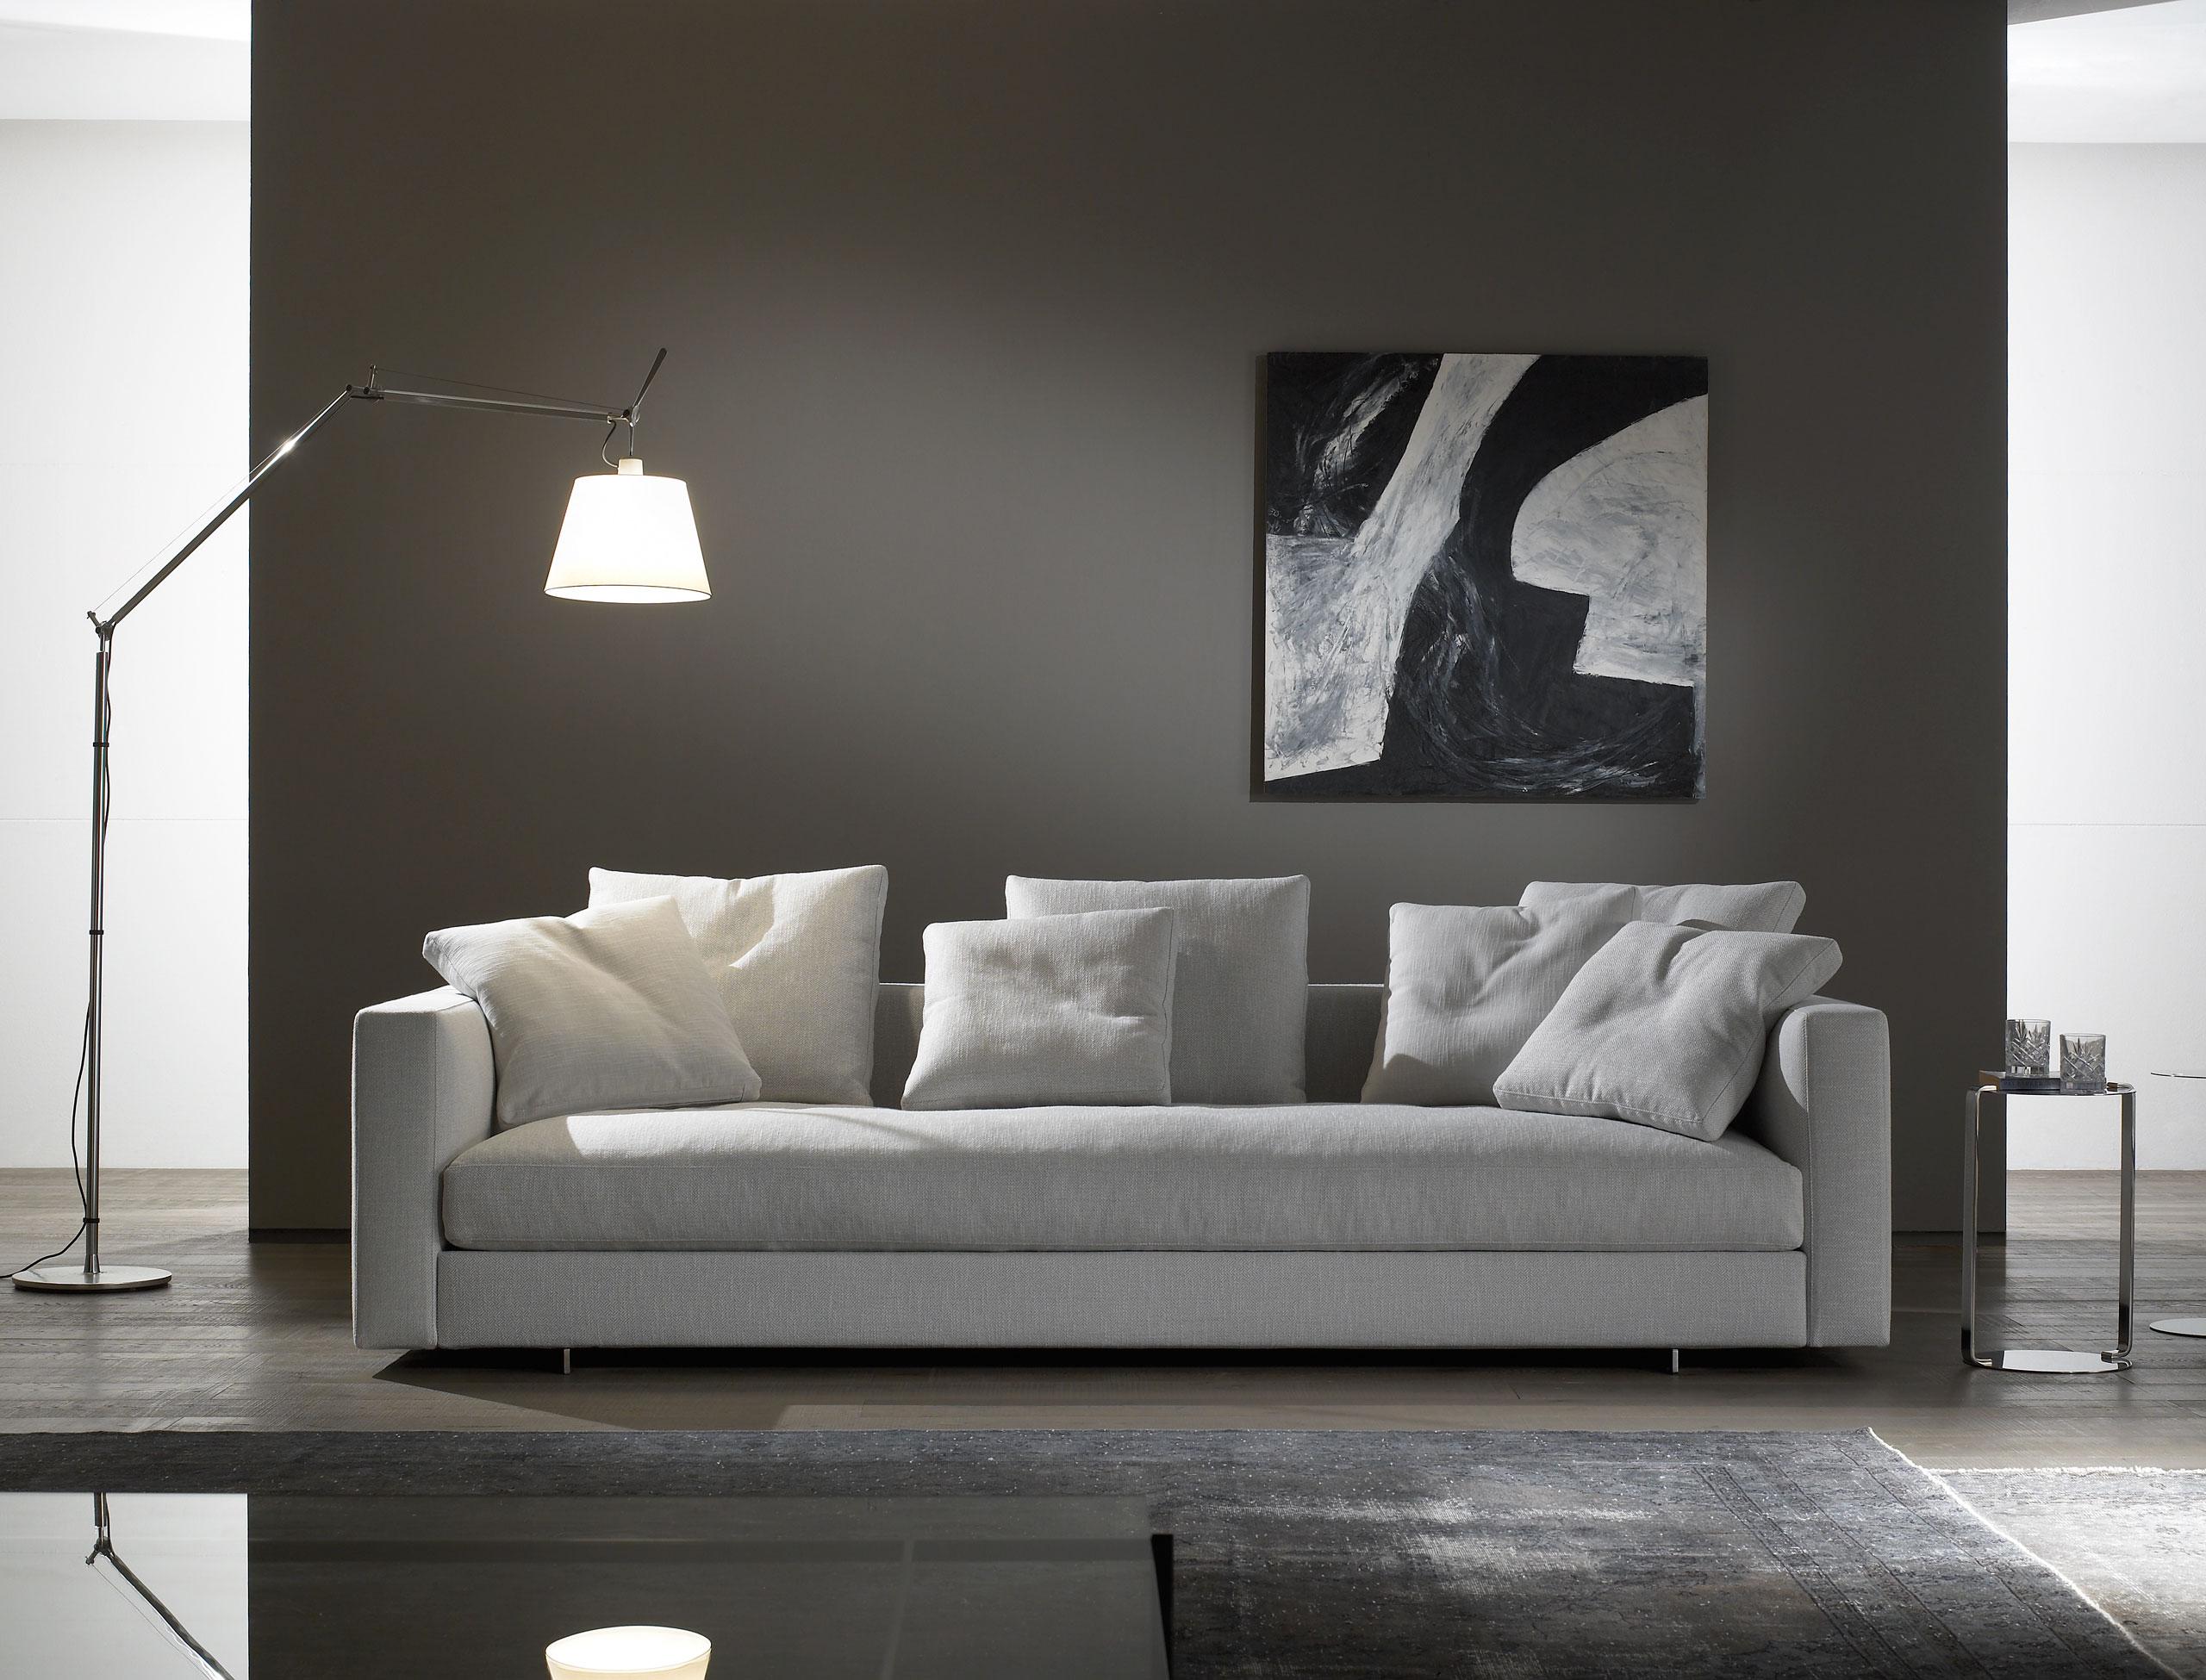 casadesus muebles mallorca sofa casadesus muebles mallorca sofa gris